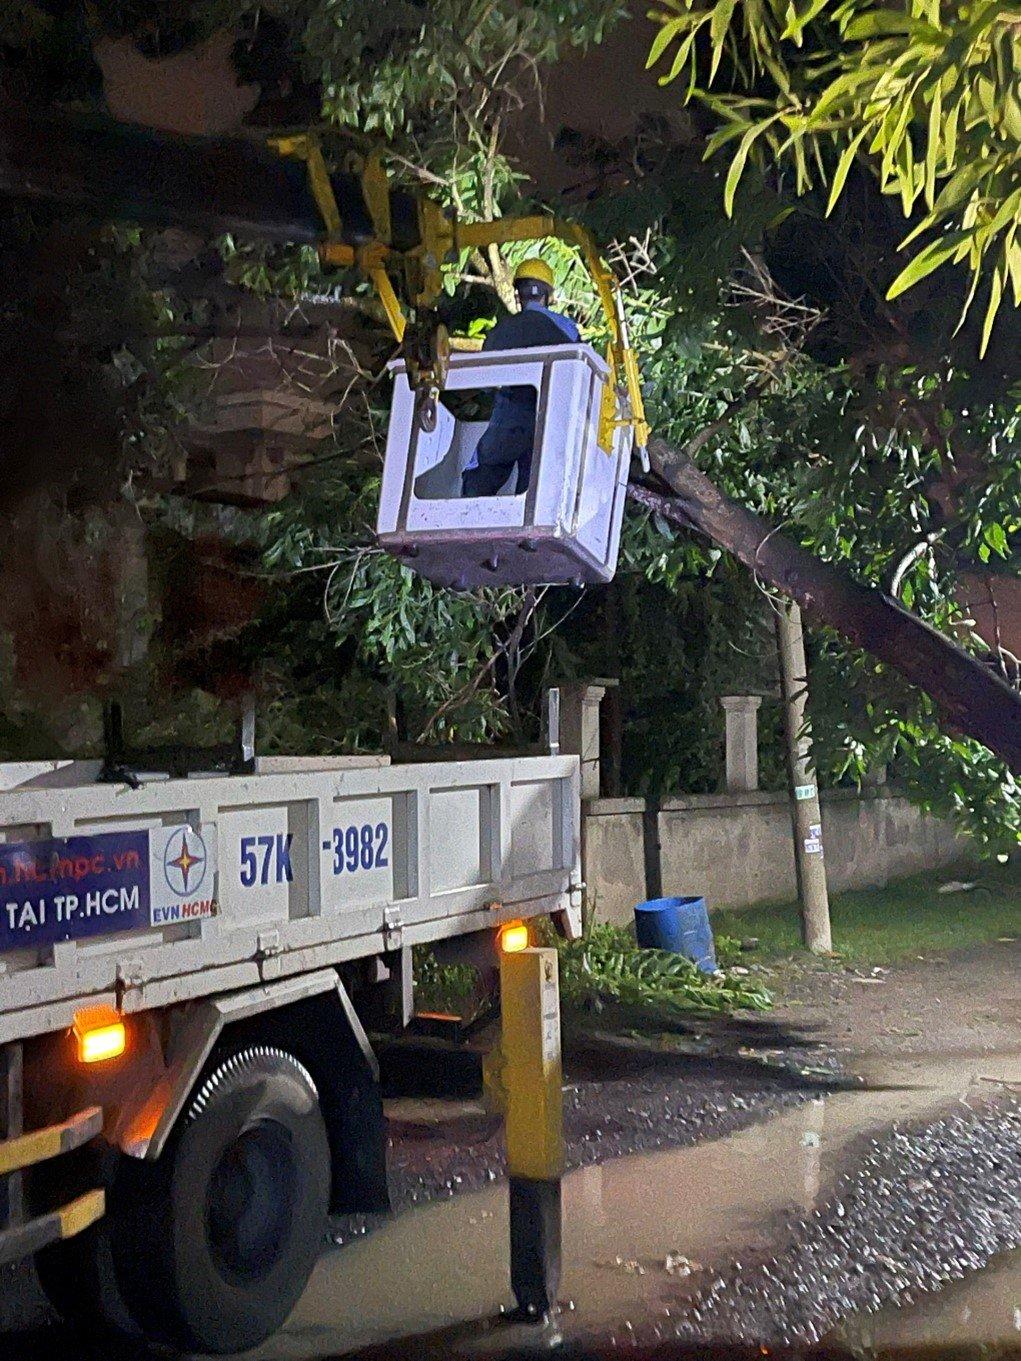 Công ty Điện lực Thủ Đức xử lý cây đổ ngay trong đêm - Hình ảnh do người dân cung cấp